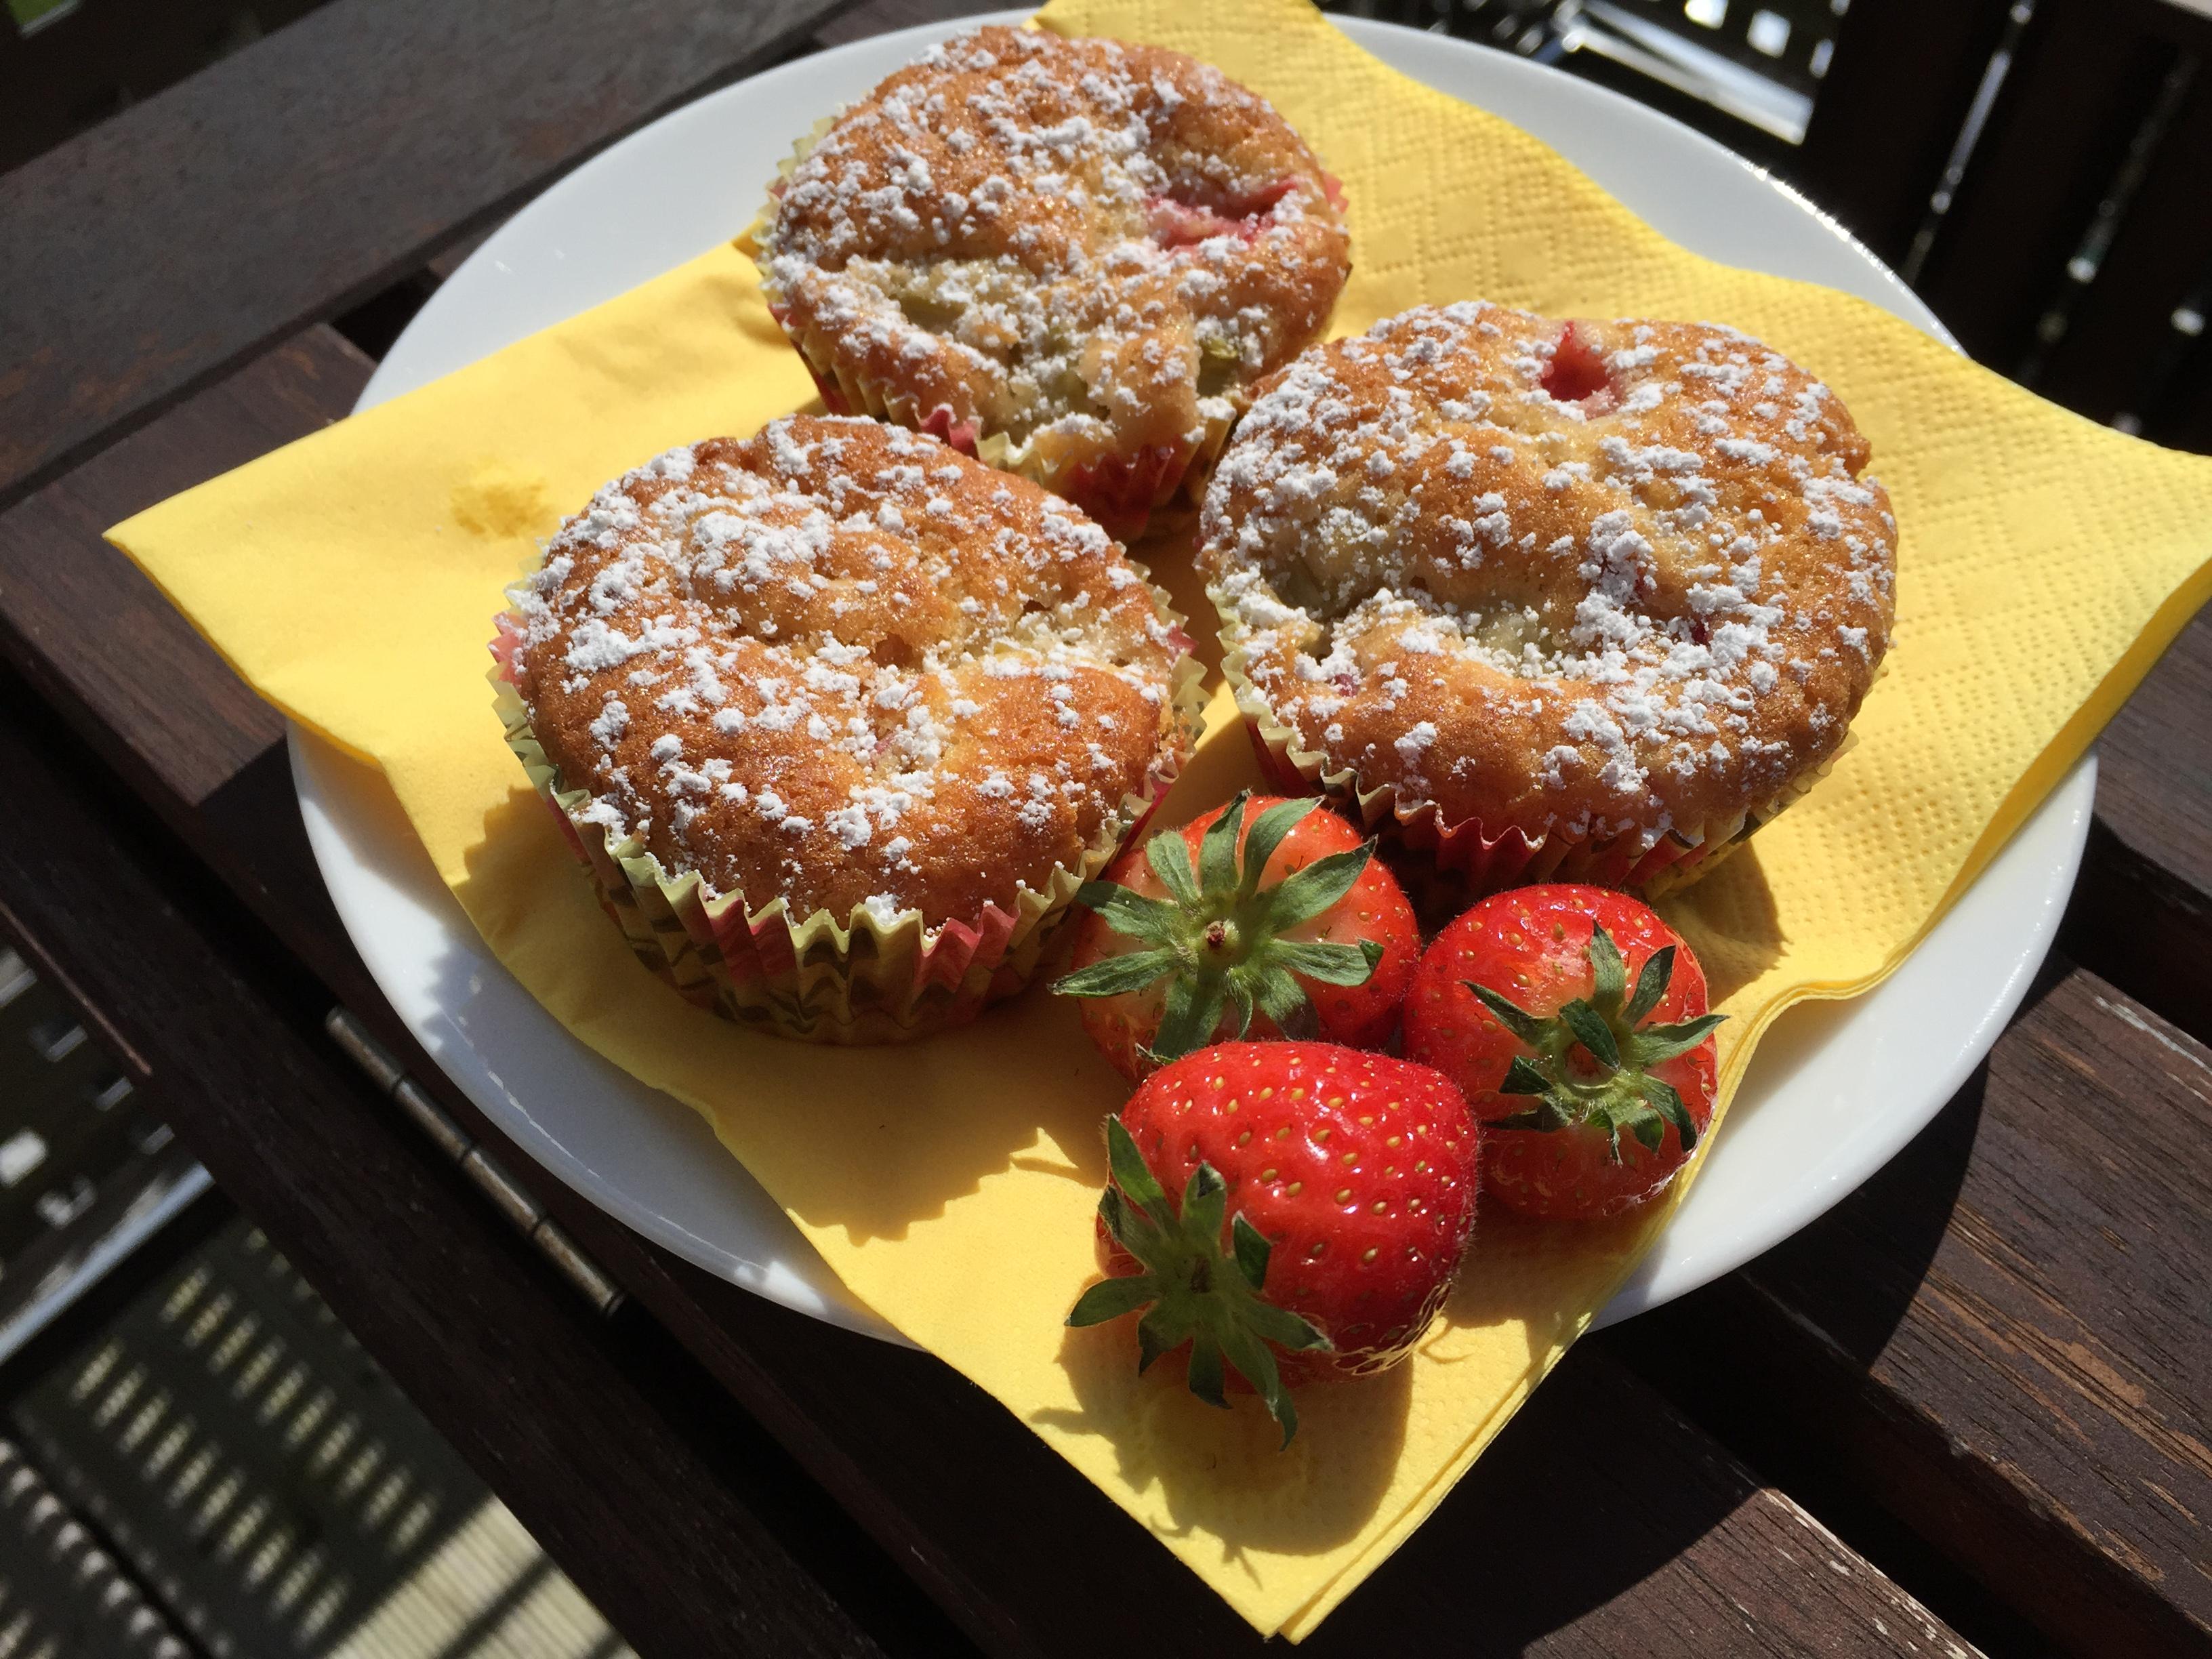 rhabarber muffins mit frischen erdbeeren und wei er schokolade das muffin m dchen. Black Bedroom Furniture Sets. Home Design Ideas